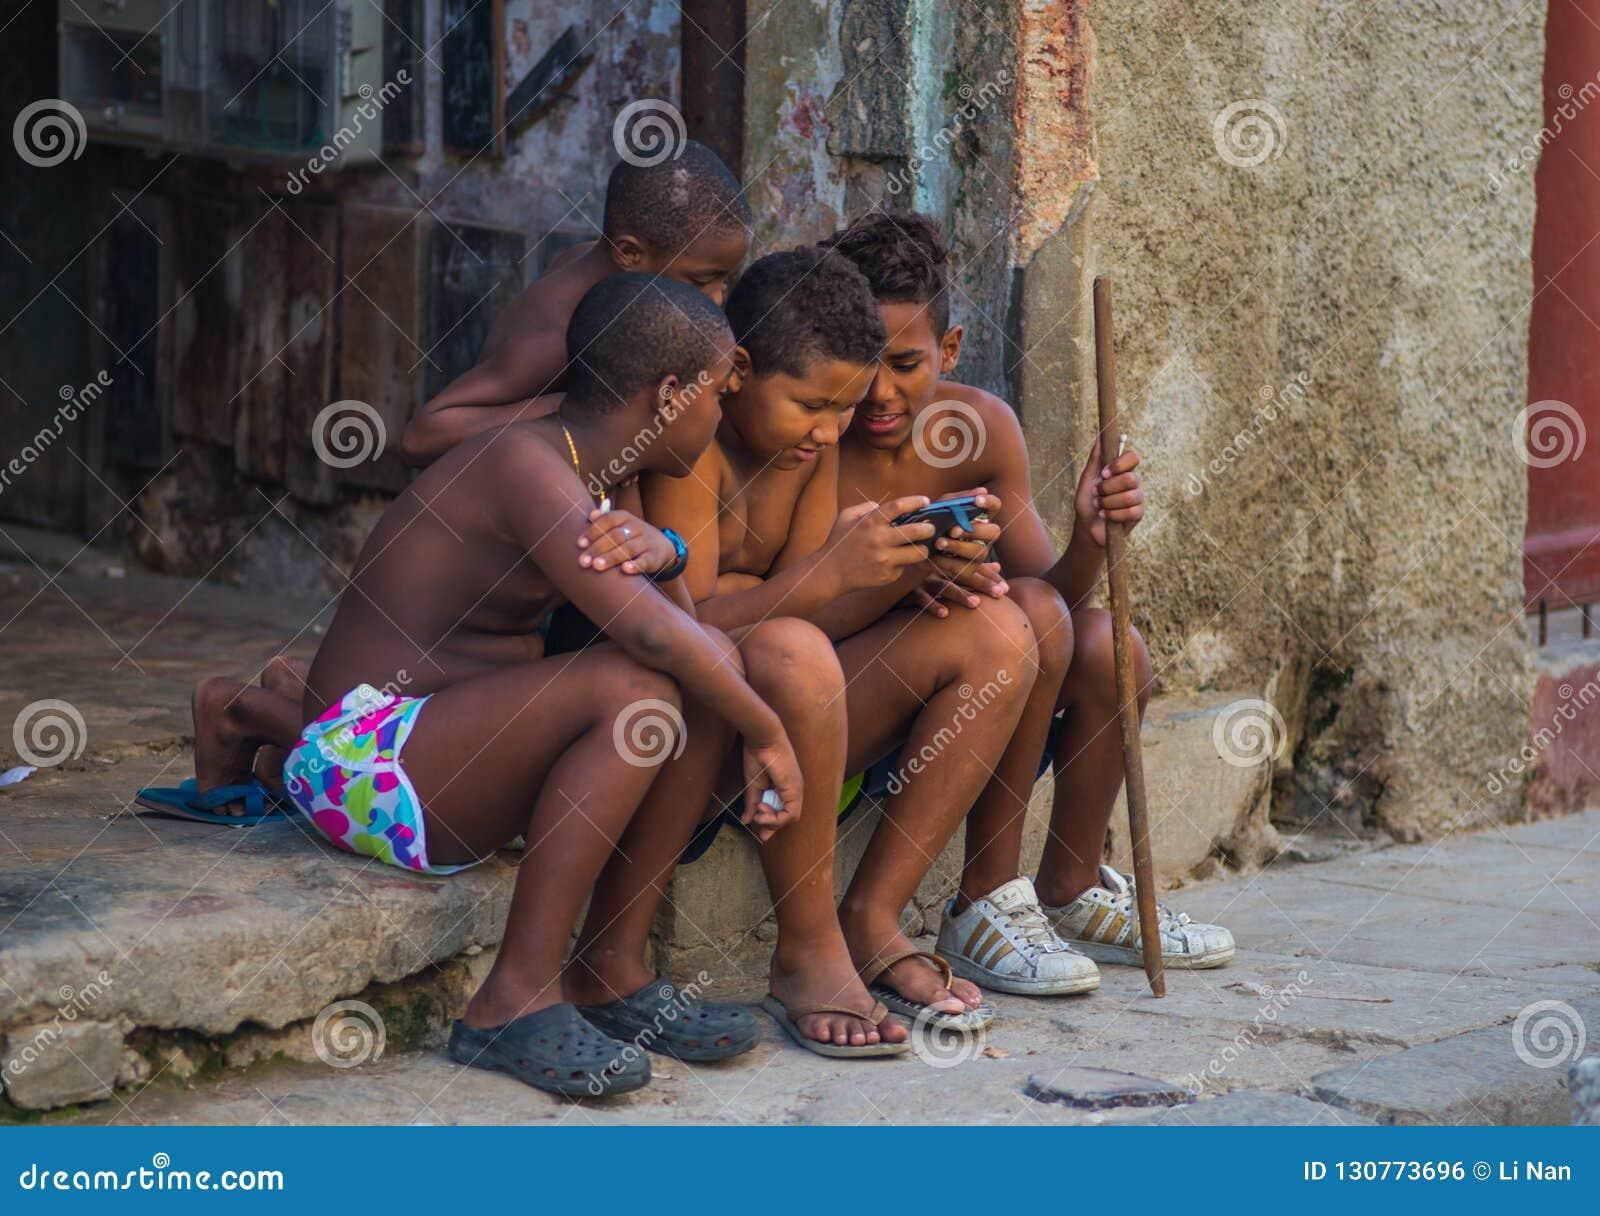 Biedny Kubański chłopiec zdobycza portret w tradycyjnej kolonialnej alei z starym życie stylem w stary Hawańskim, Kuba, Ameryka